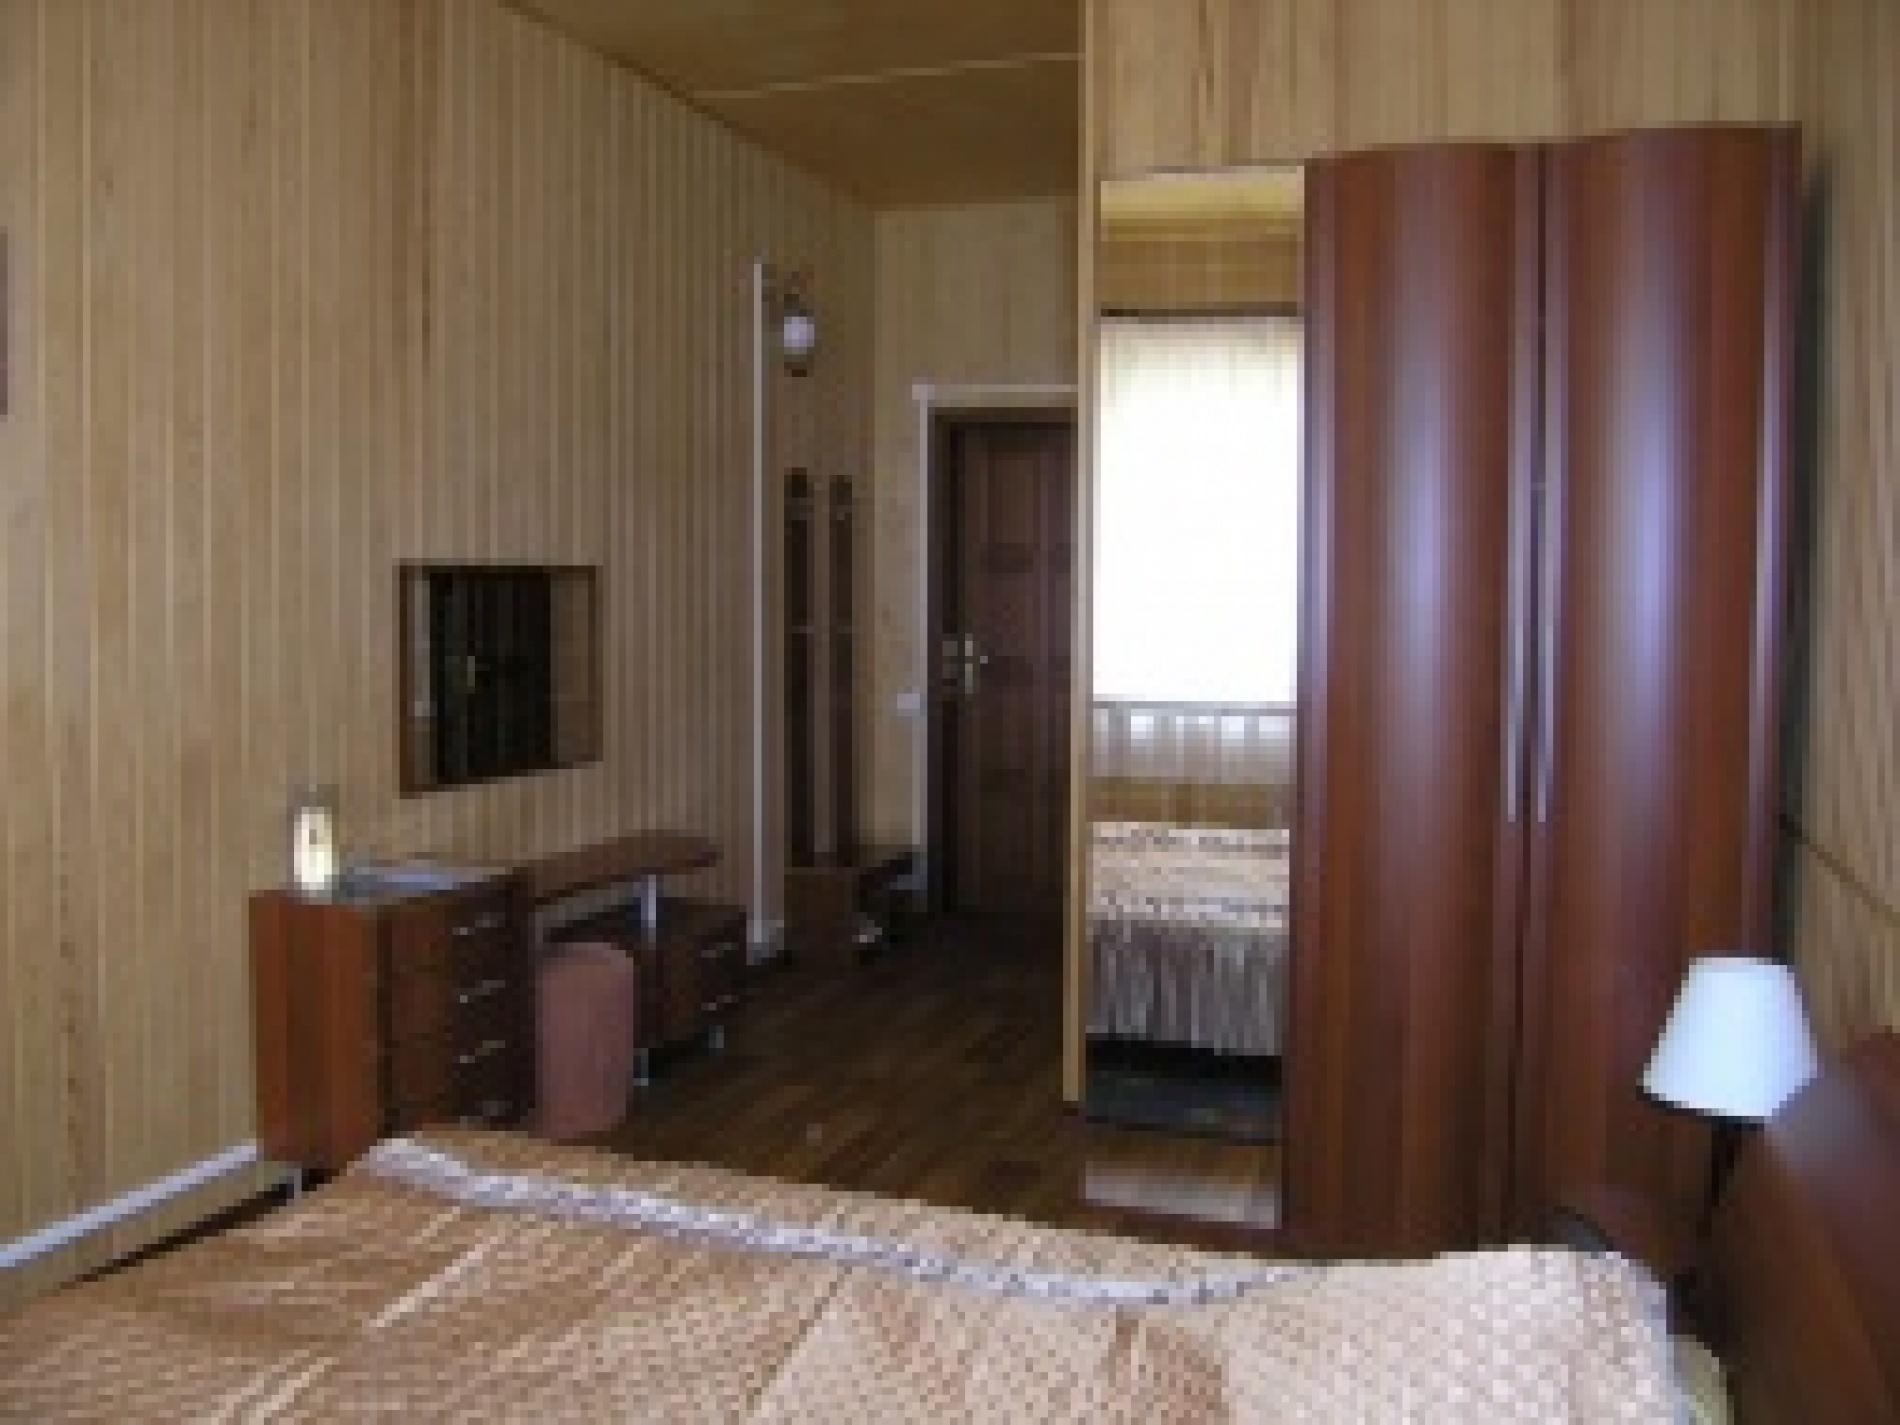 База отдыха «Фрегат» Иркутская область Стандартный номер однокомнатный 2-местный, фото 2